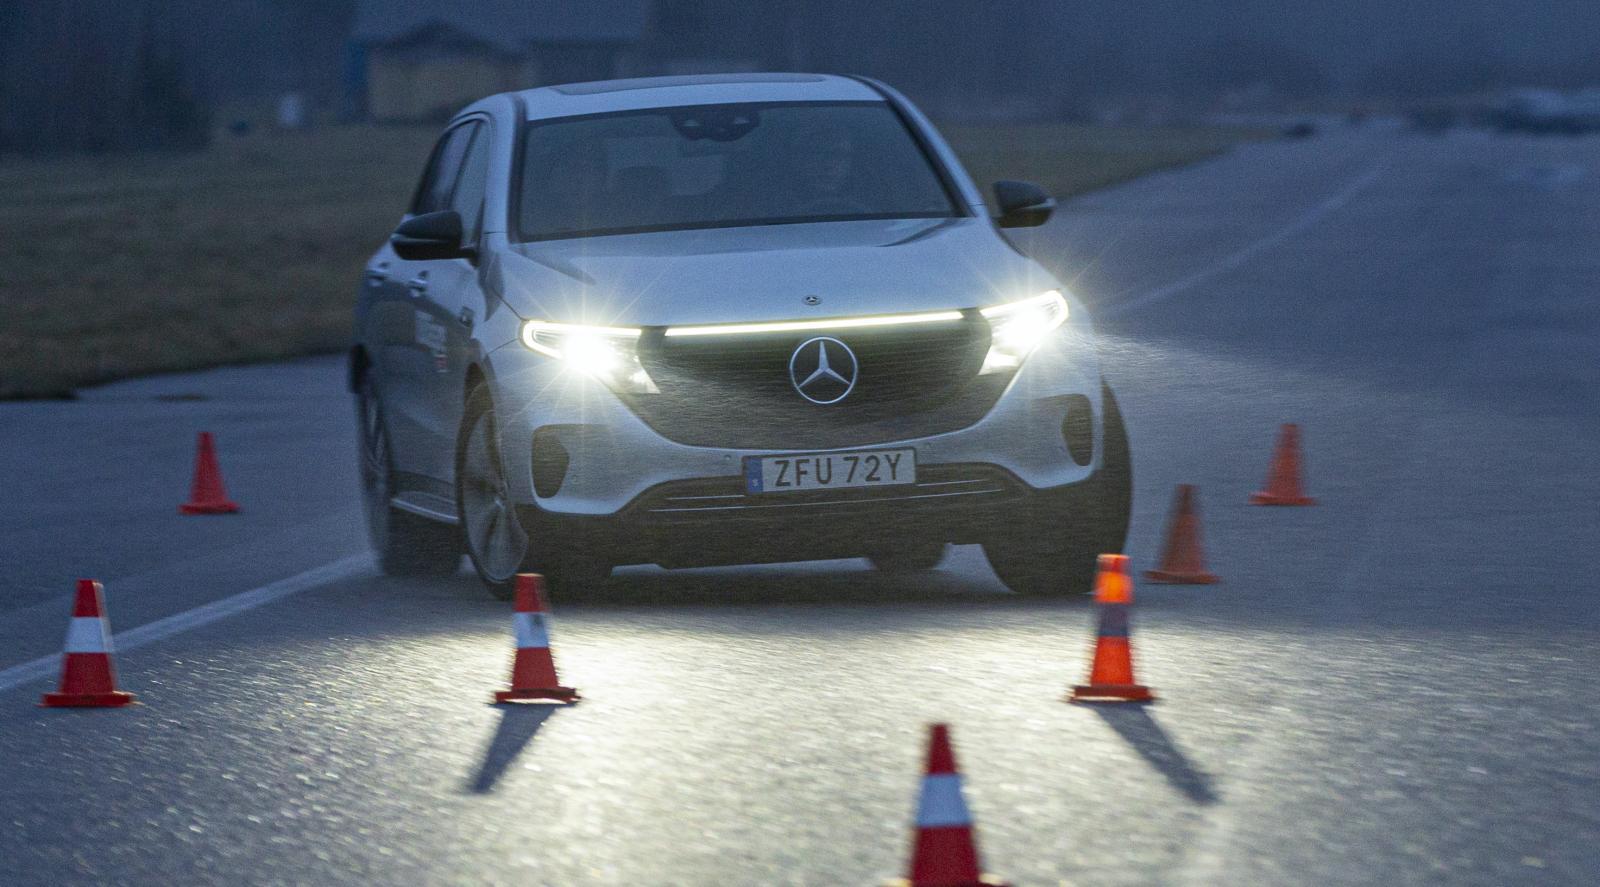 När vinterkylan håller sig på avstånd öppnar det för undanmanöverprover men testbilarnas vinterdäck är för mjuka för att ge ett rättvisande resultat. Bilarna understyr ur konbanan i låg hastighet.